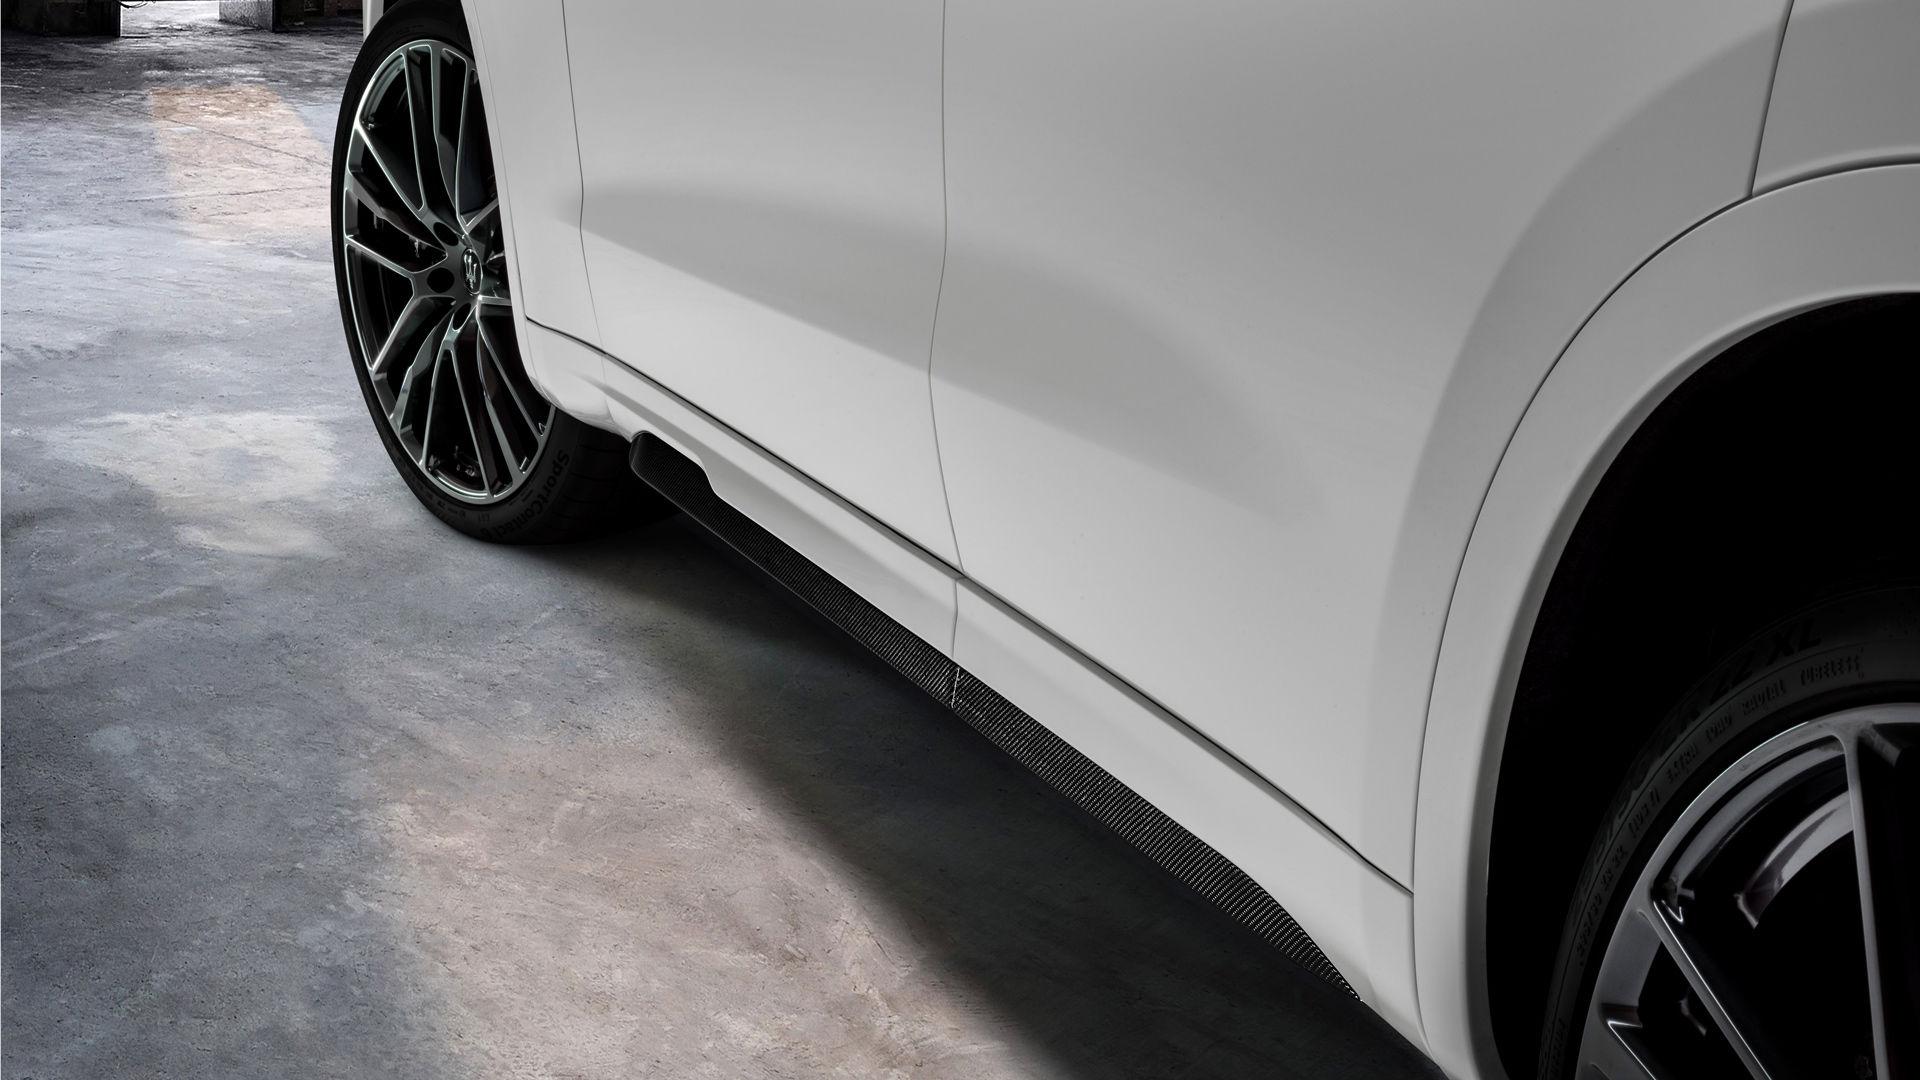 Maserati Levante Trofeo - Weiß - Nachaufnahme von der Seite